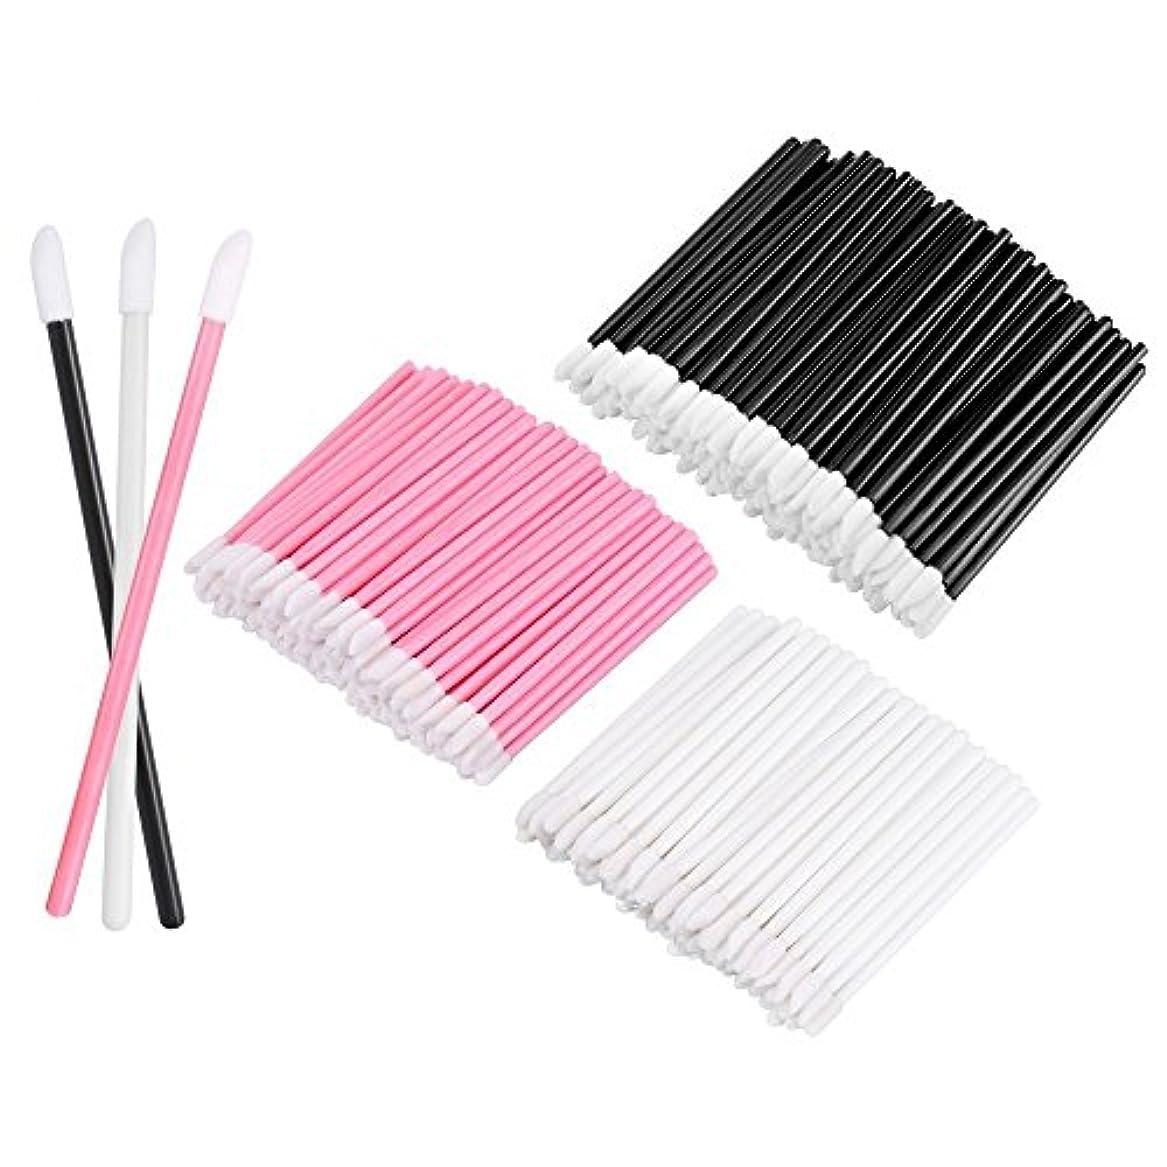 に話す架空のKEDSUM リップブラシ 使い捨て 300本入り メイクブラシ 化粧用品 化粧筆 化粧ブラシ 携帯用 便利 (3色)